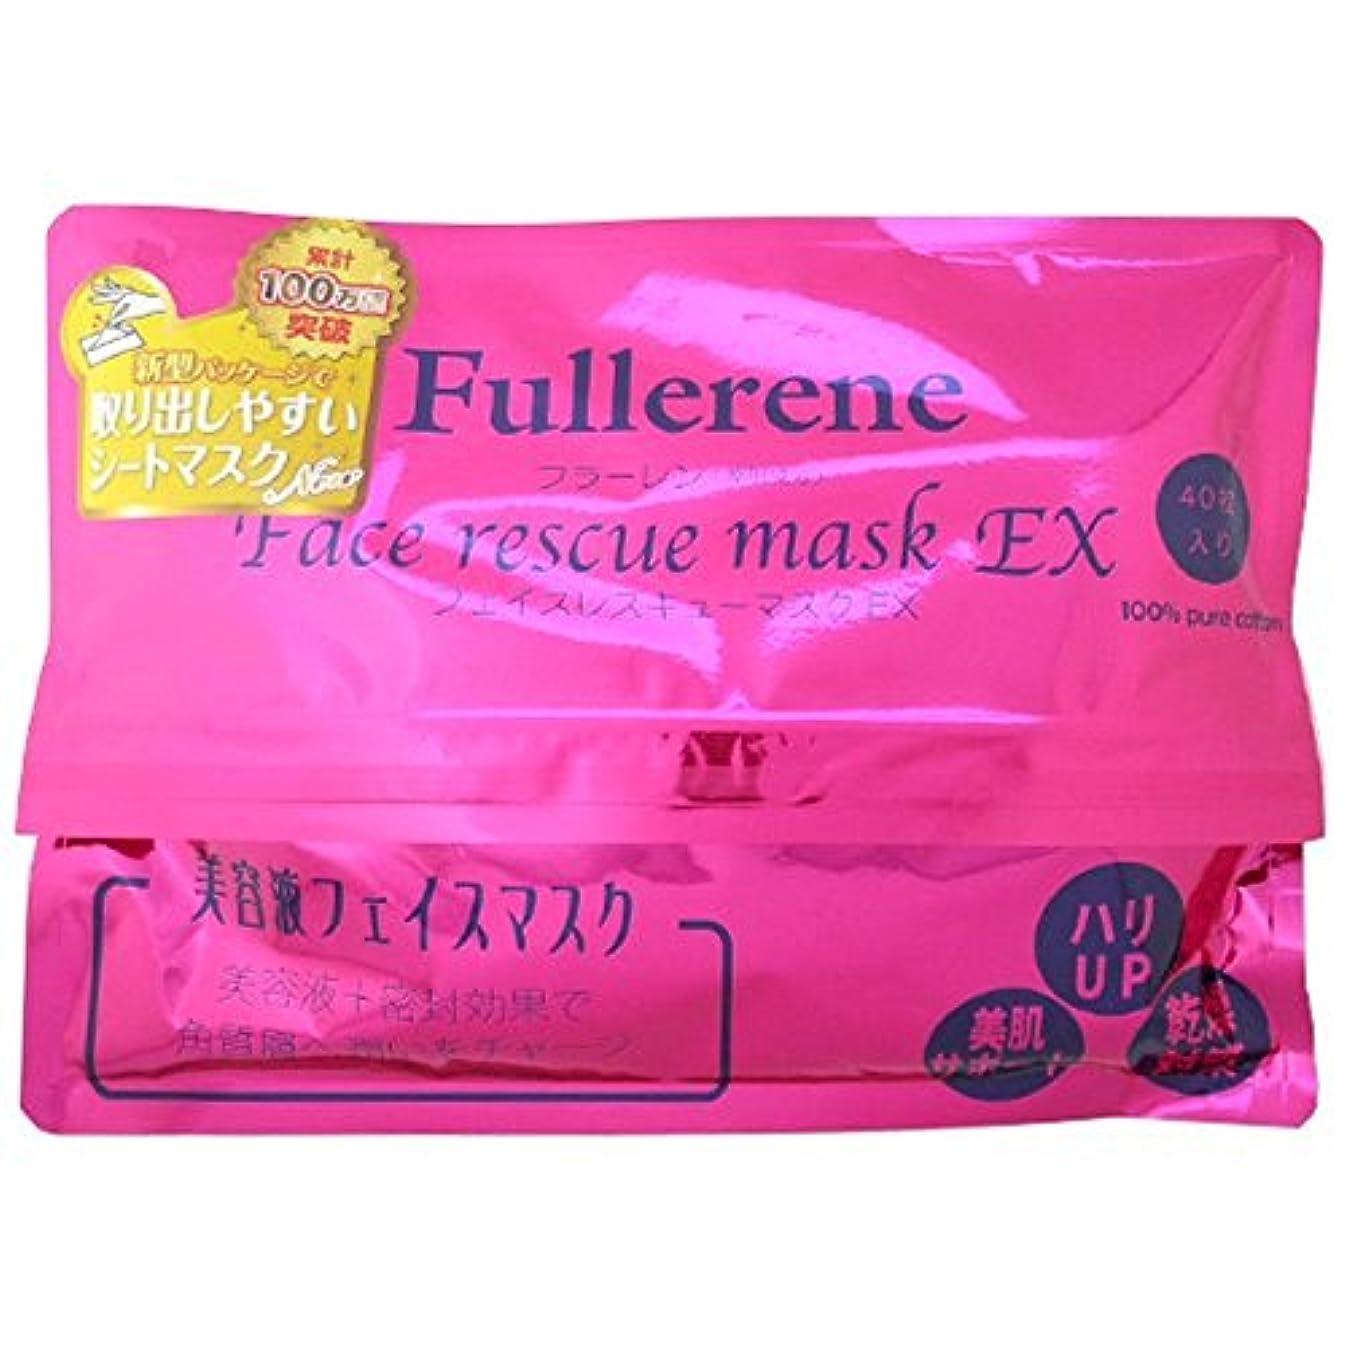 キリマンジャロもちろんうつEGF フラーレン フェイスレスキューマスク 40枚入